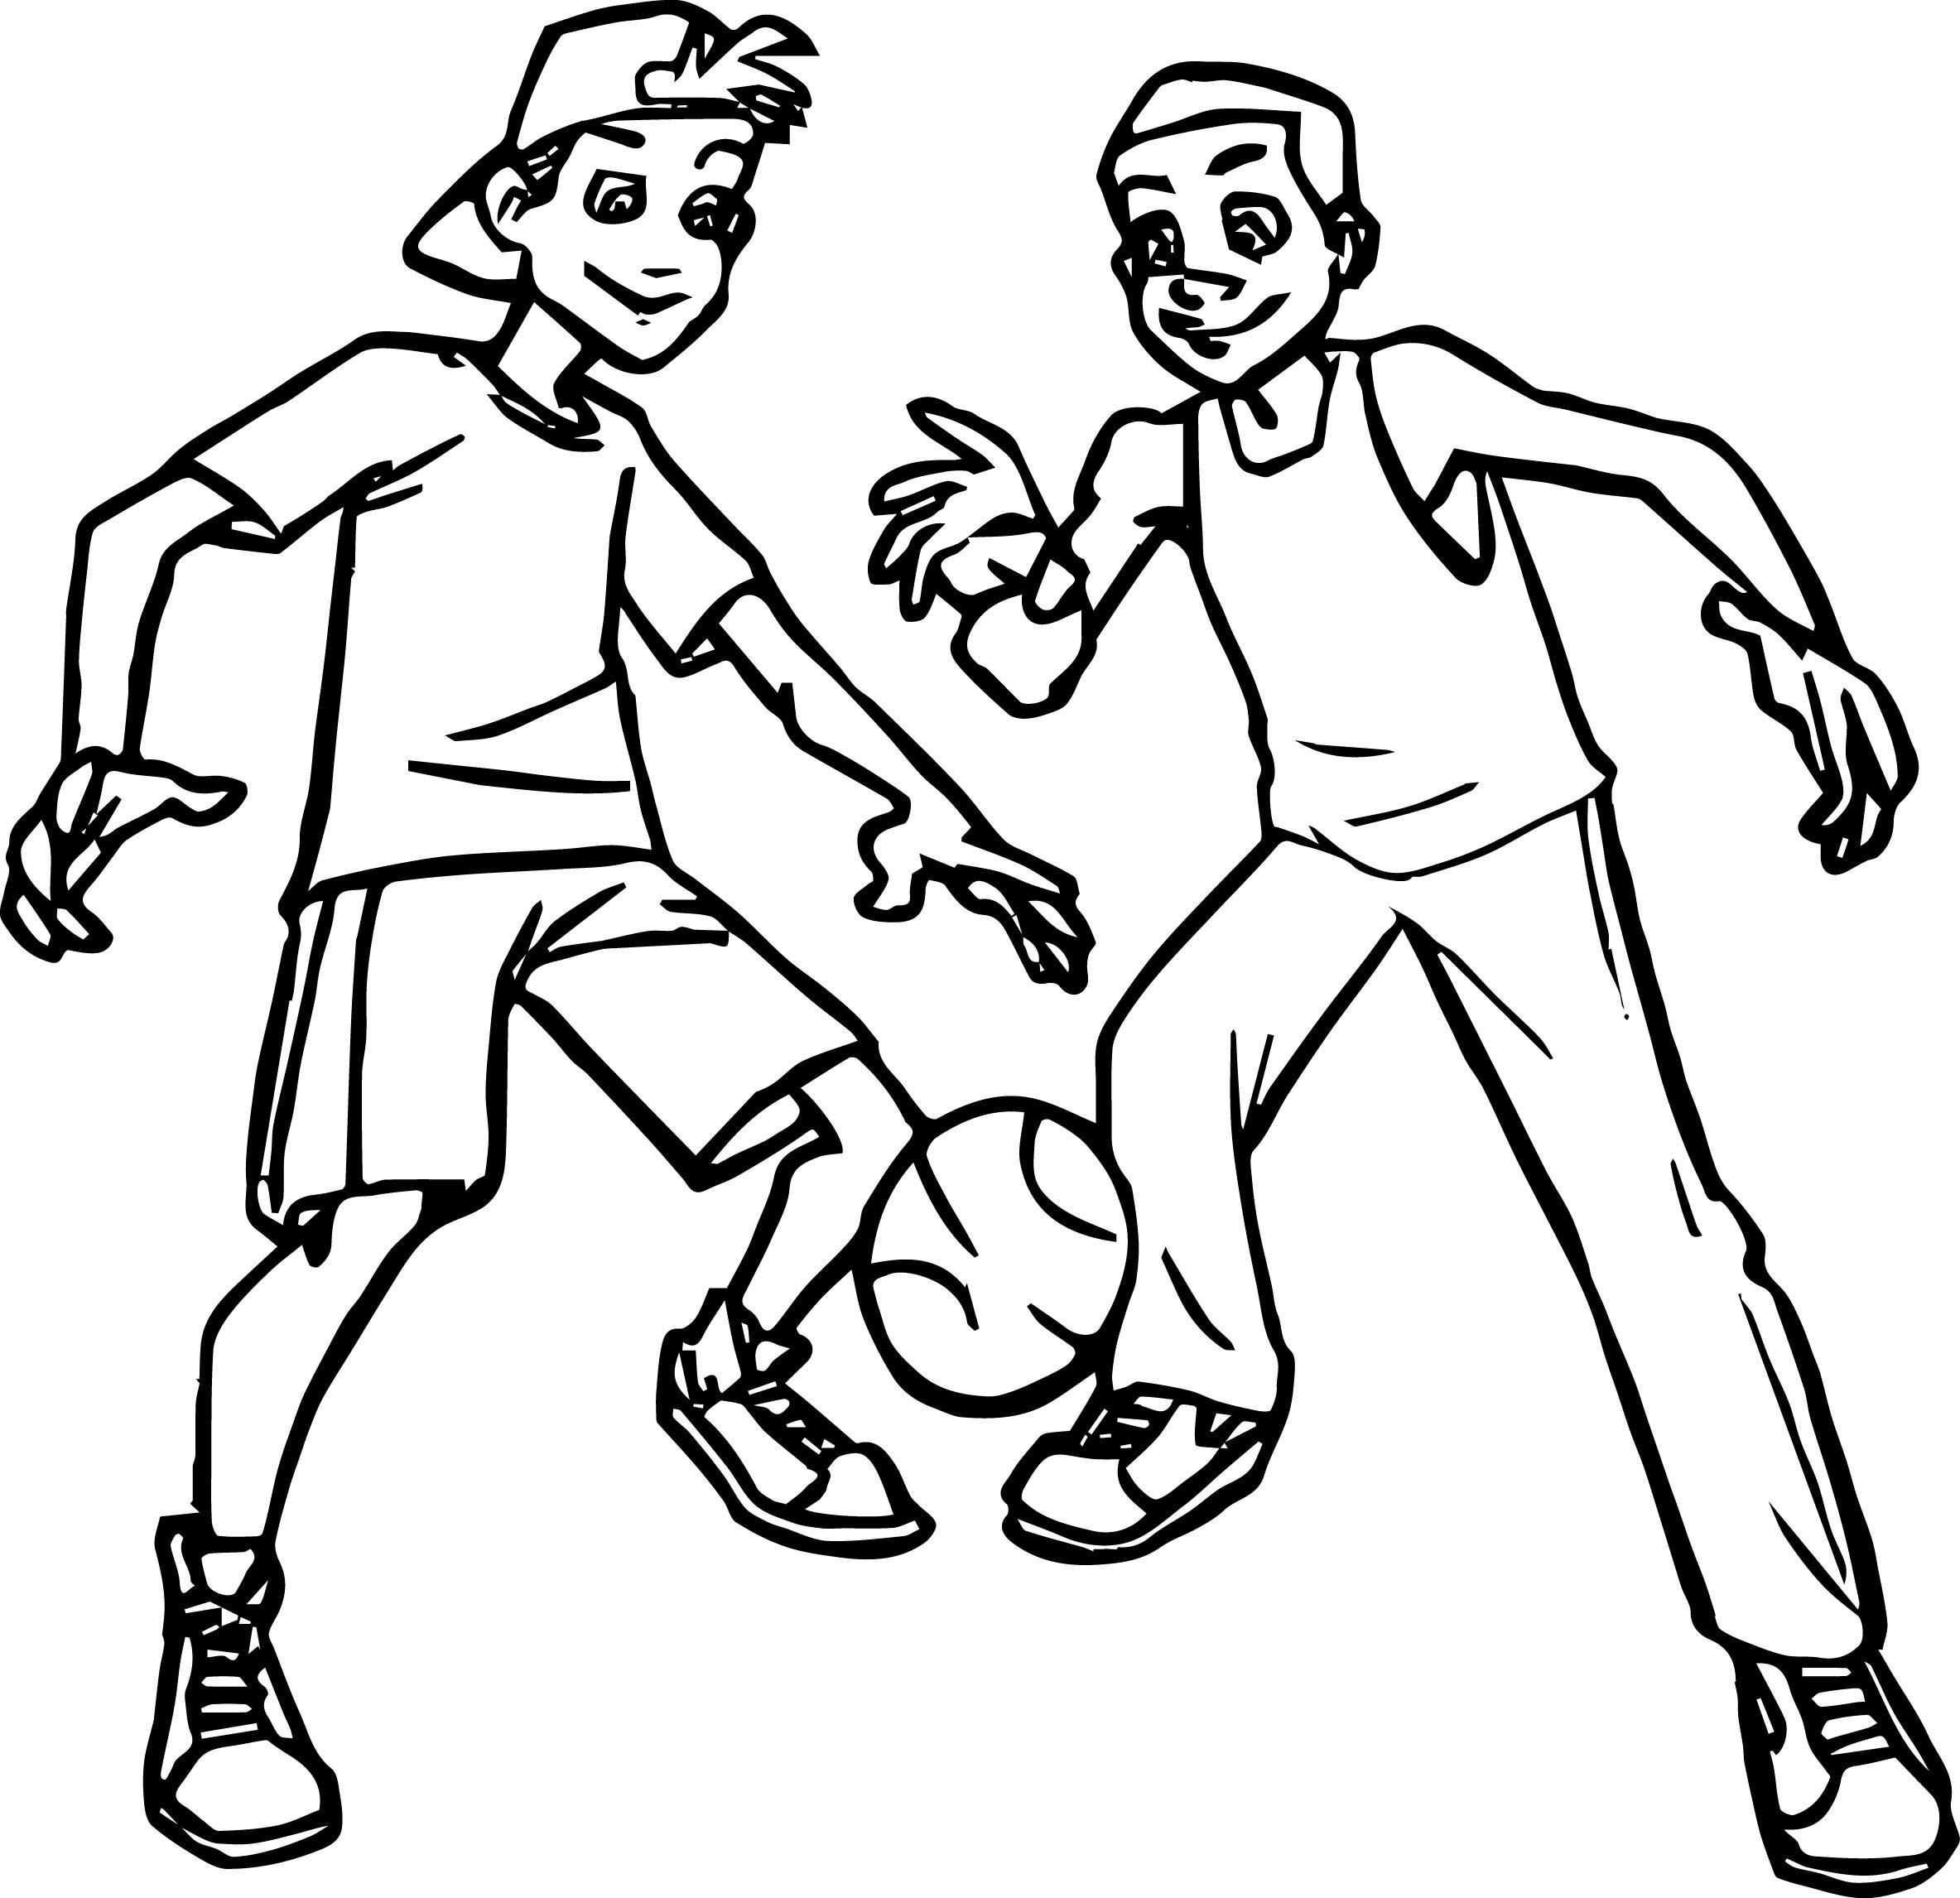 Basketball Players Drawing At Getdrawings